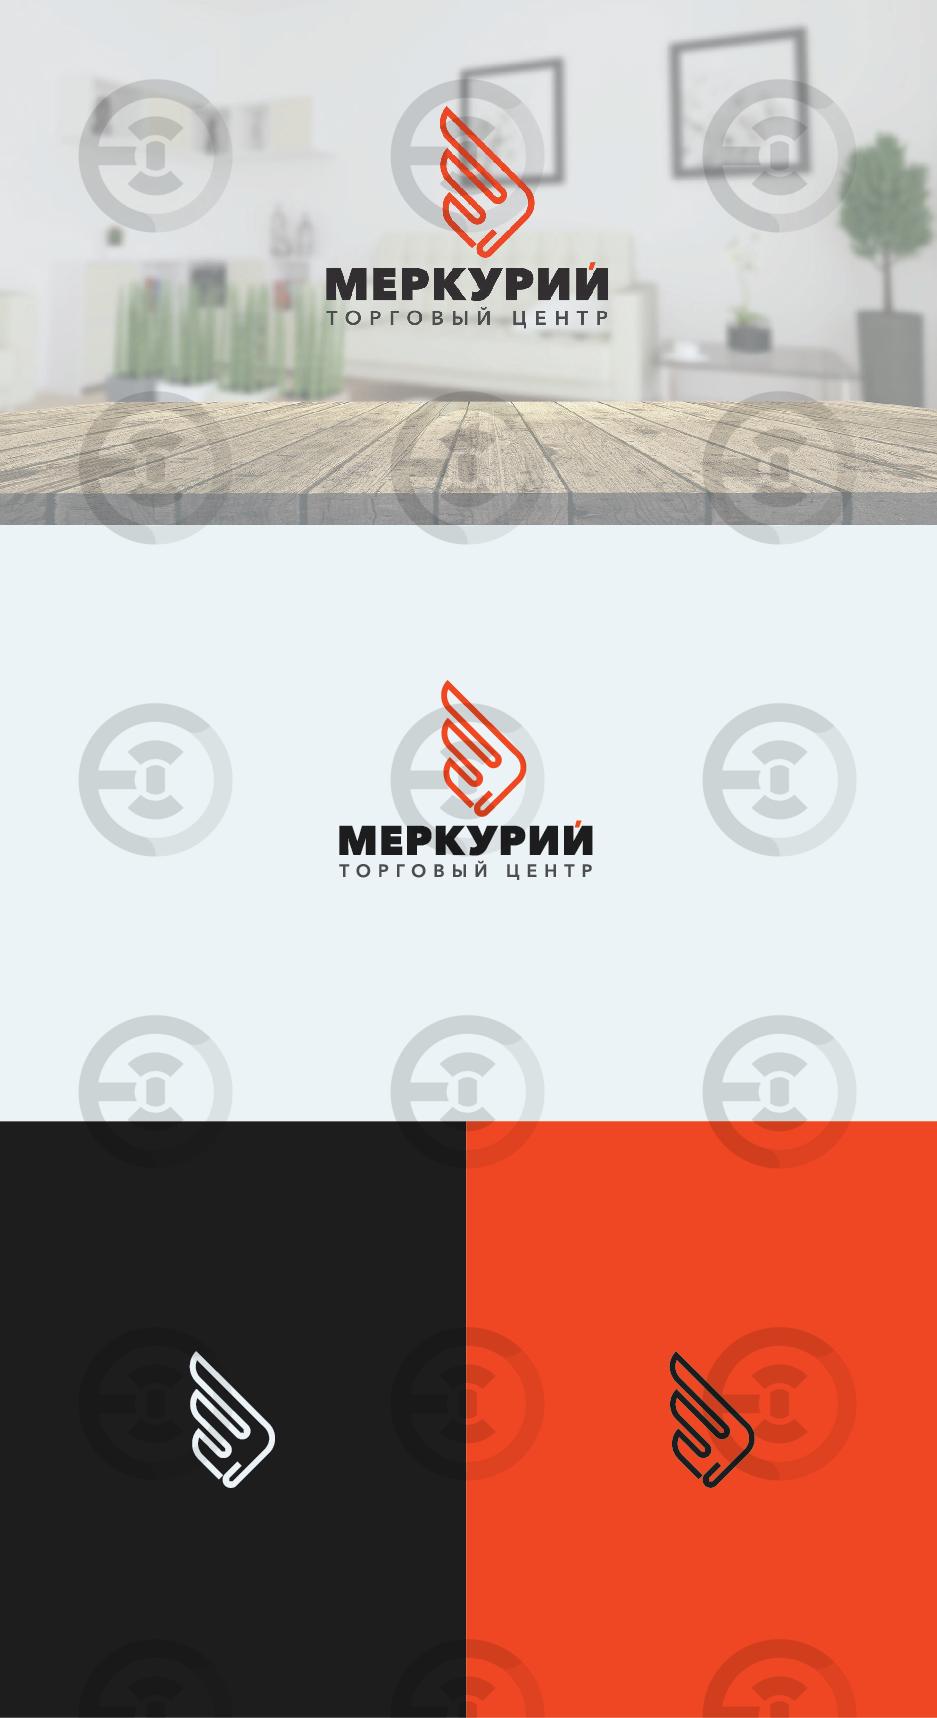 ТЦМеркурий_Монтажная область 1.jpg